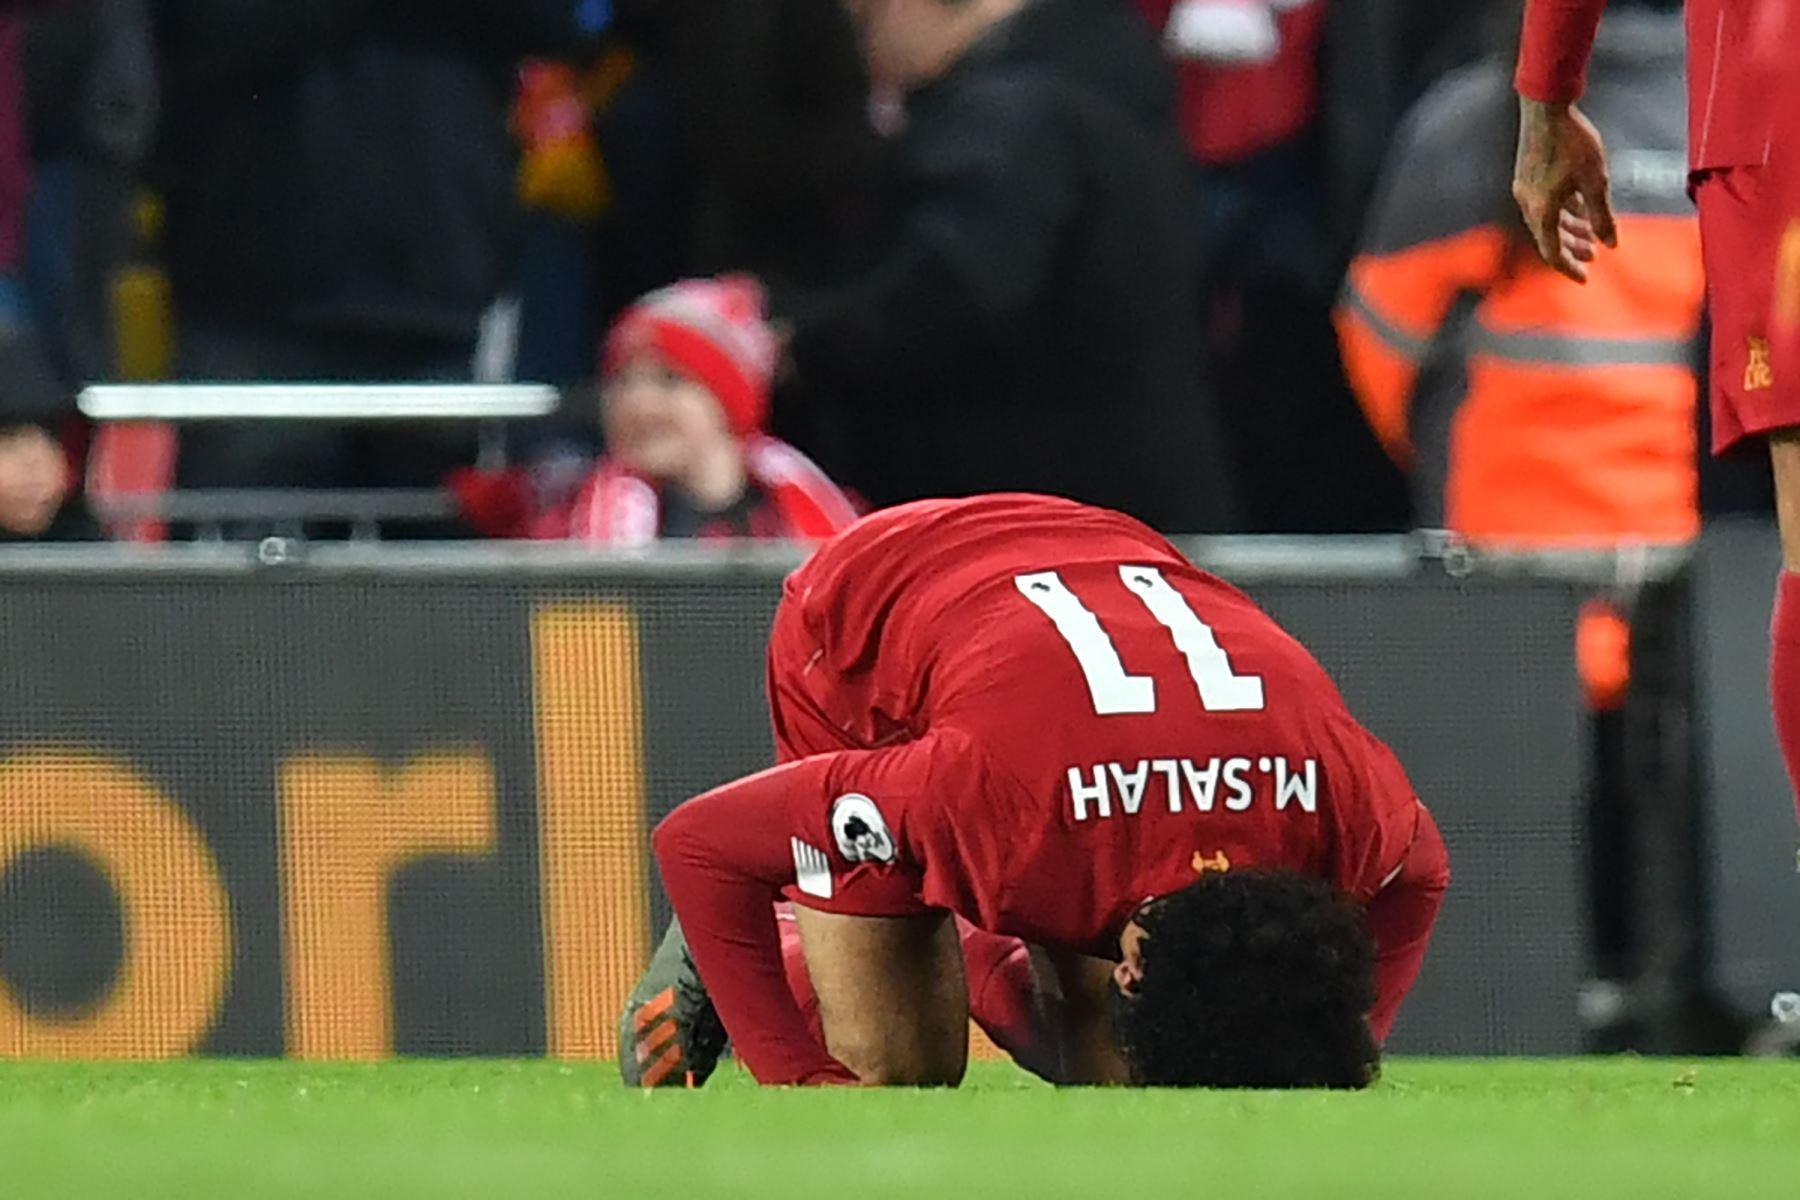 El mediocampista egipcio de Liverpool Mohamed Salah  celebra después de marcar su segundo gol durante el partido de fútbol de la Premier League inglesa entre Liverpool y Manchester City . Foto:AFP